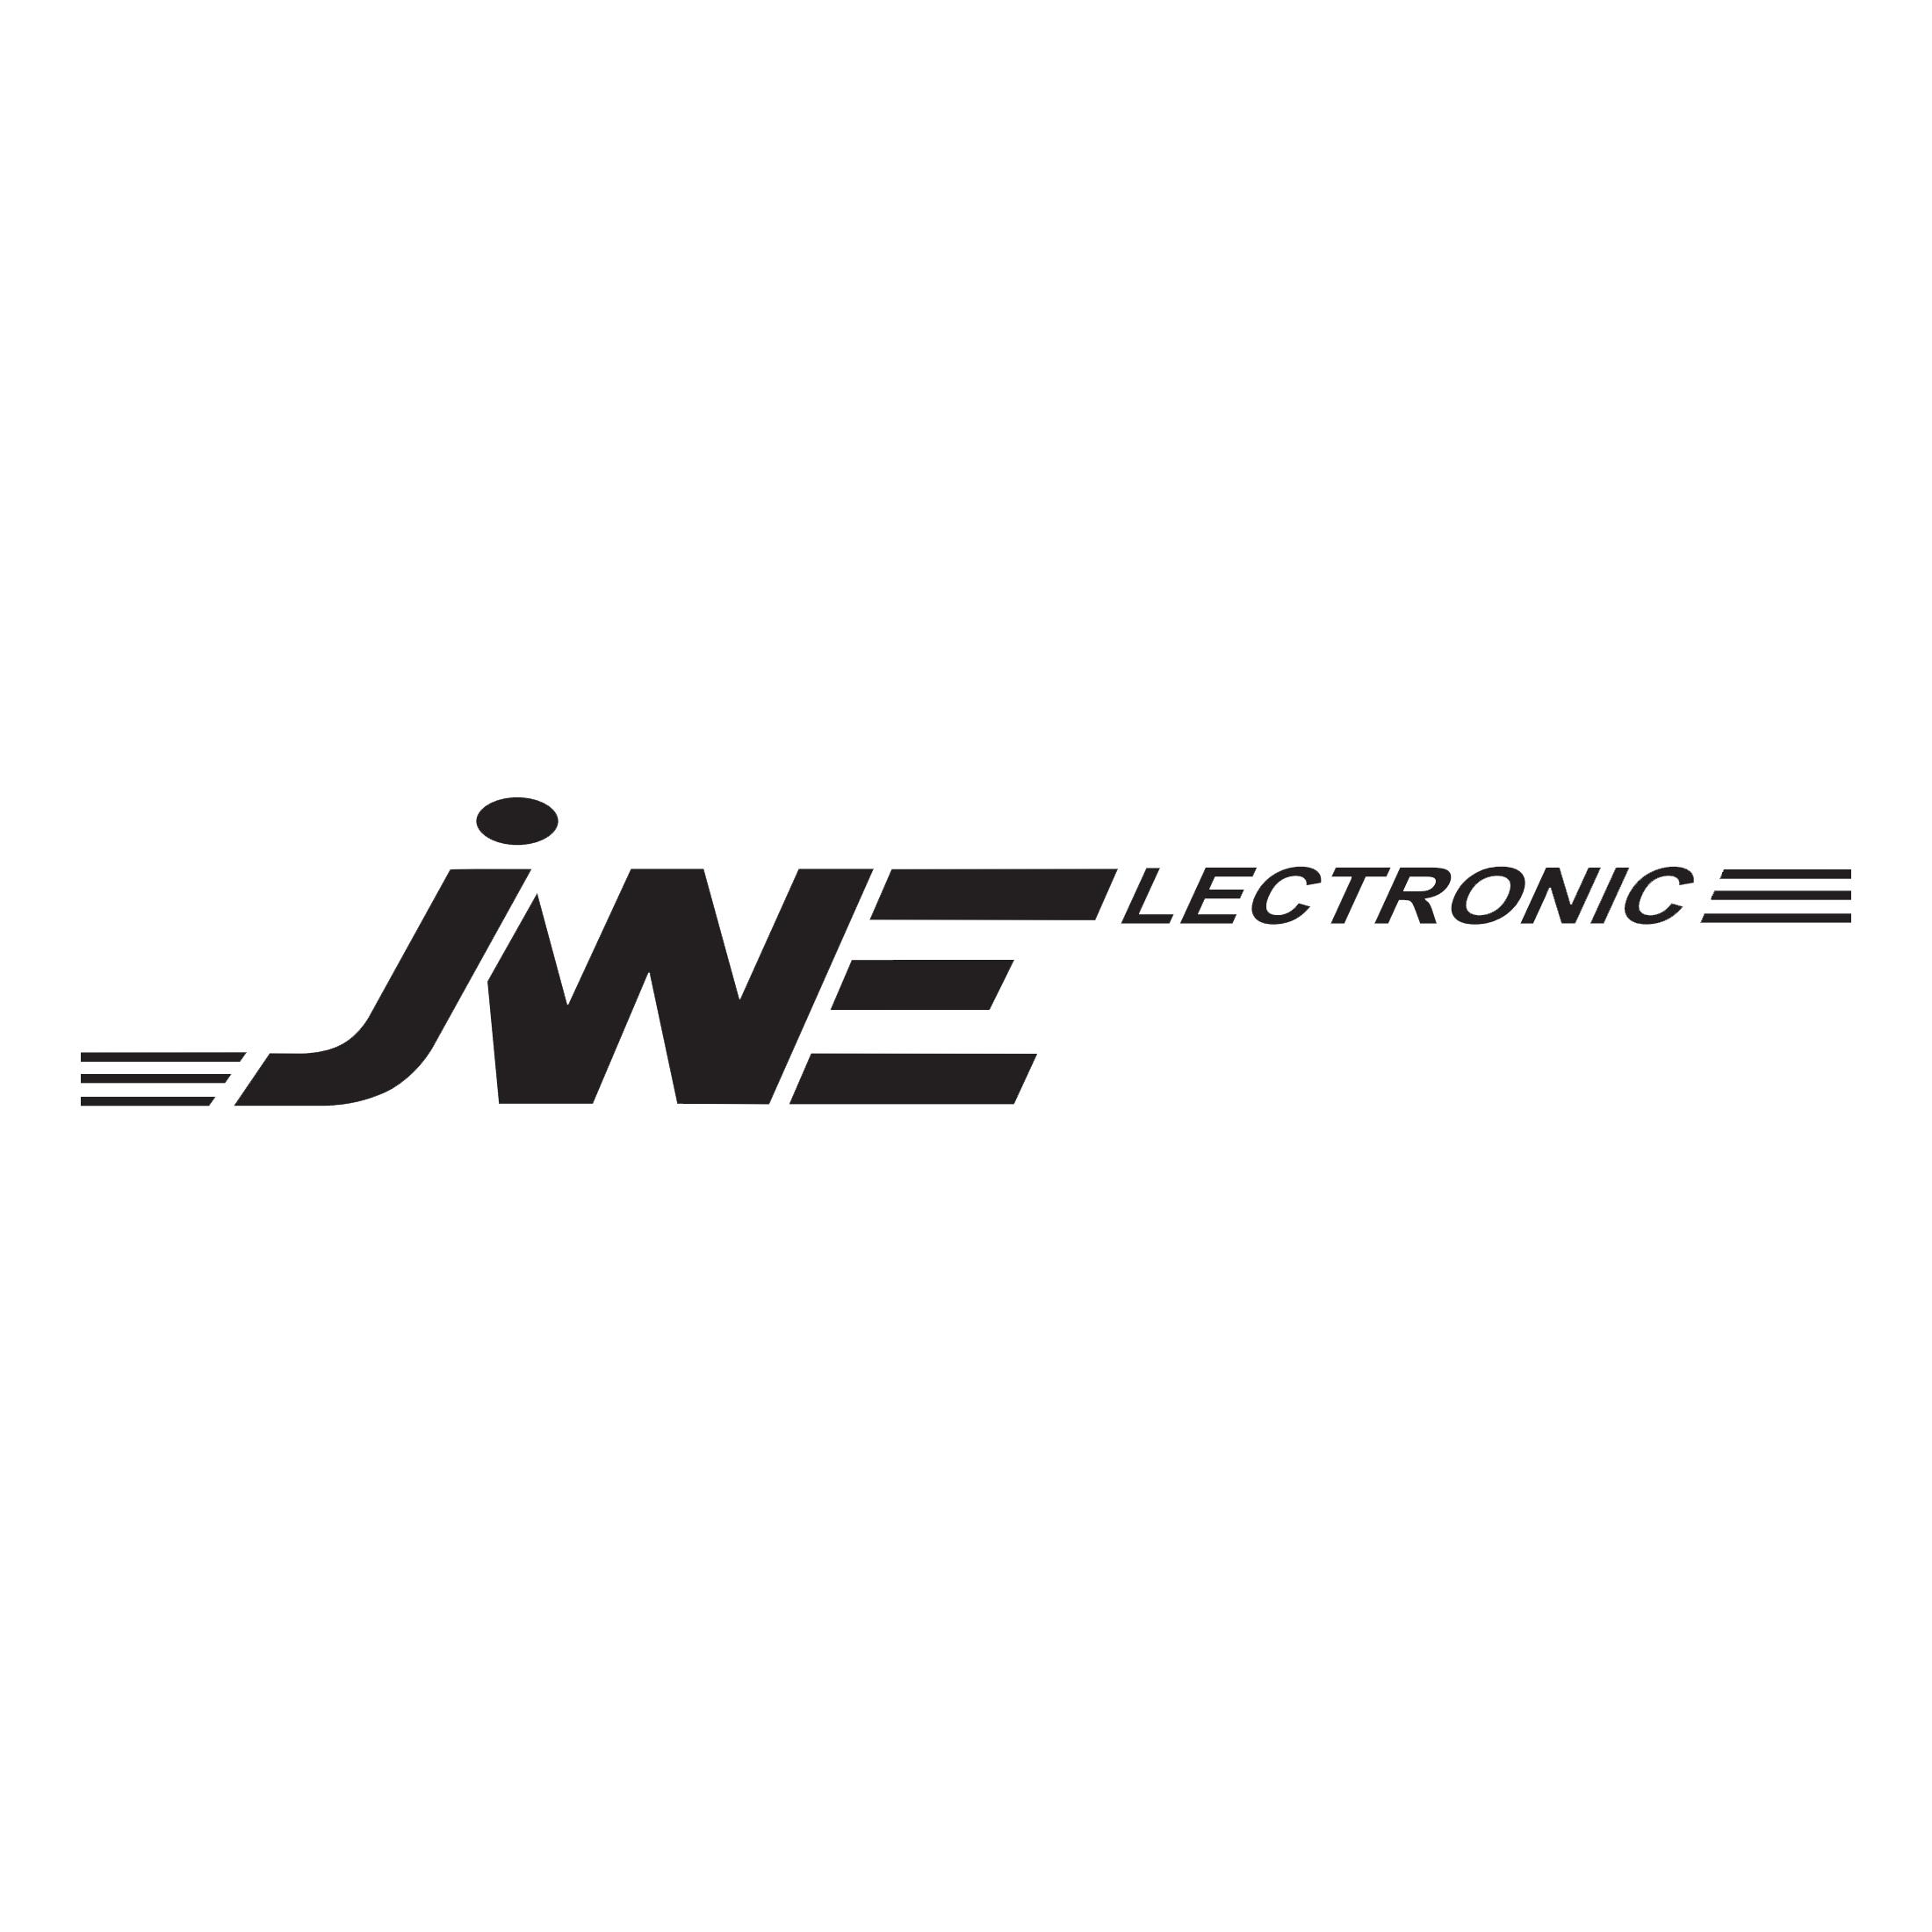 JW Electronic